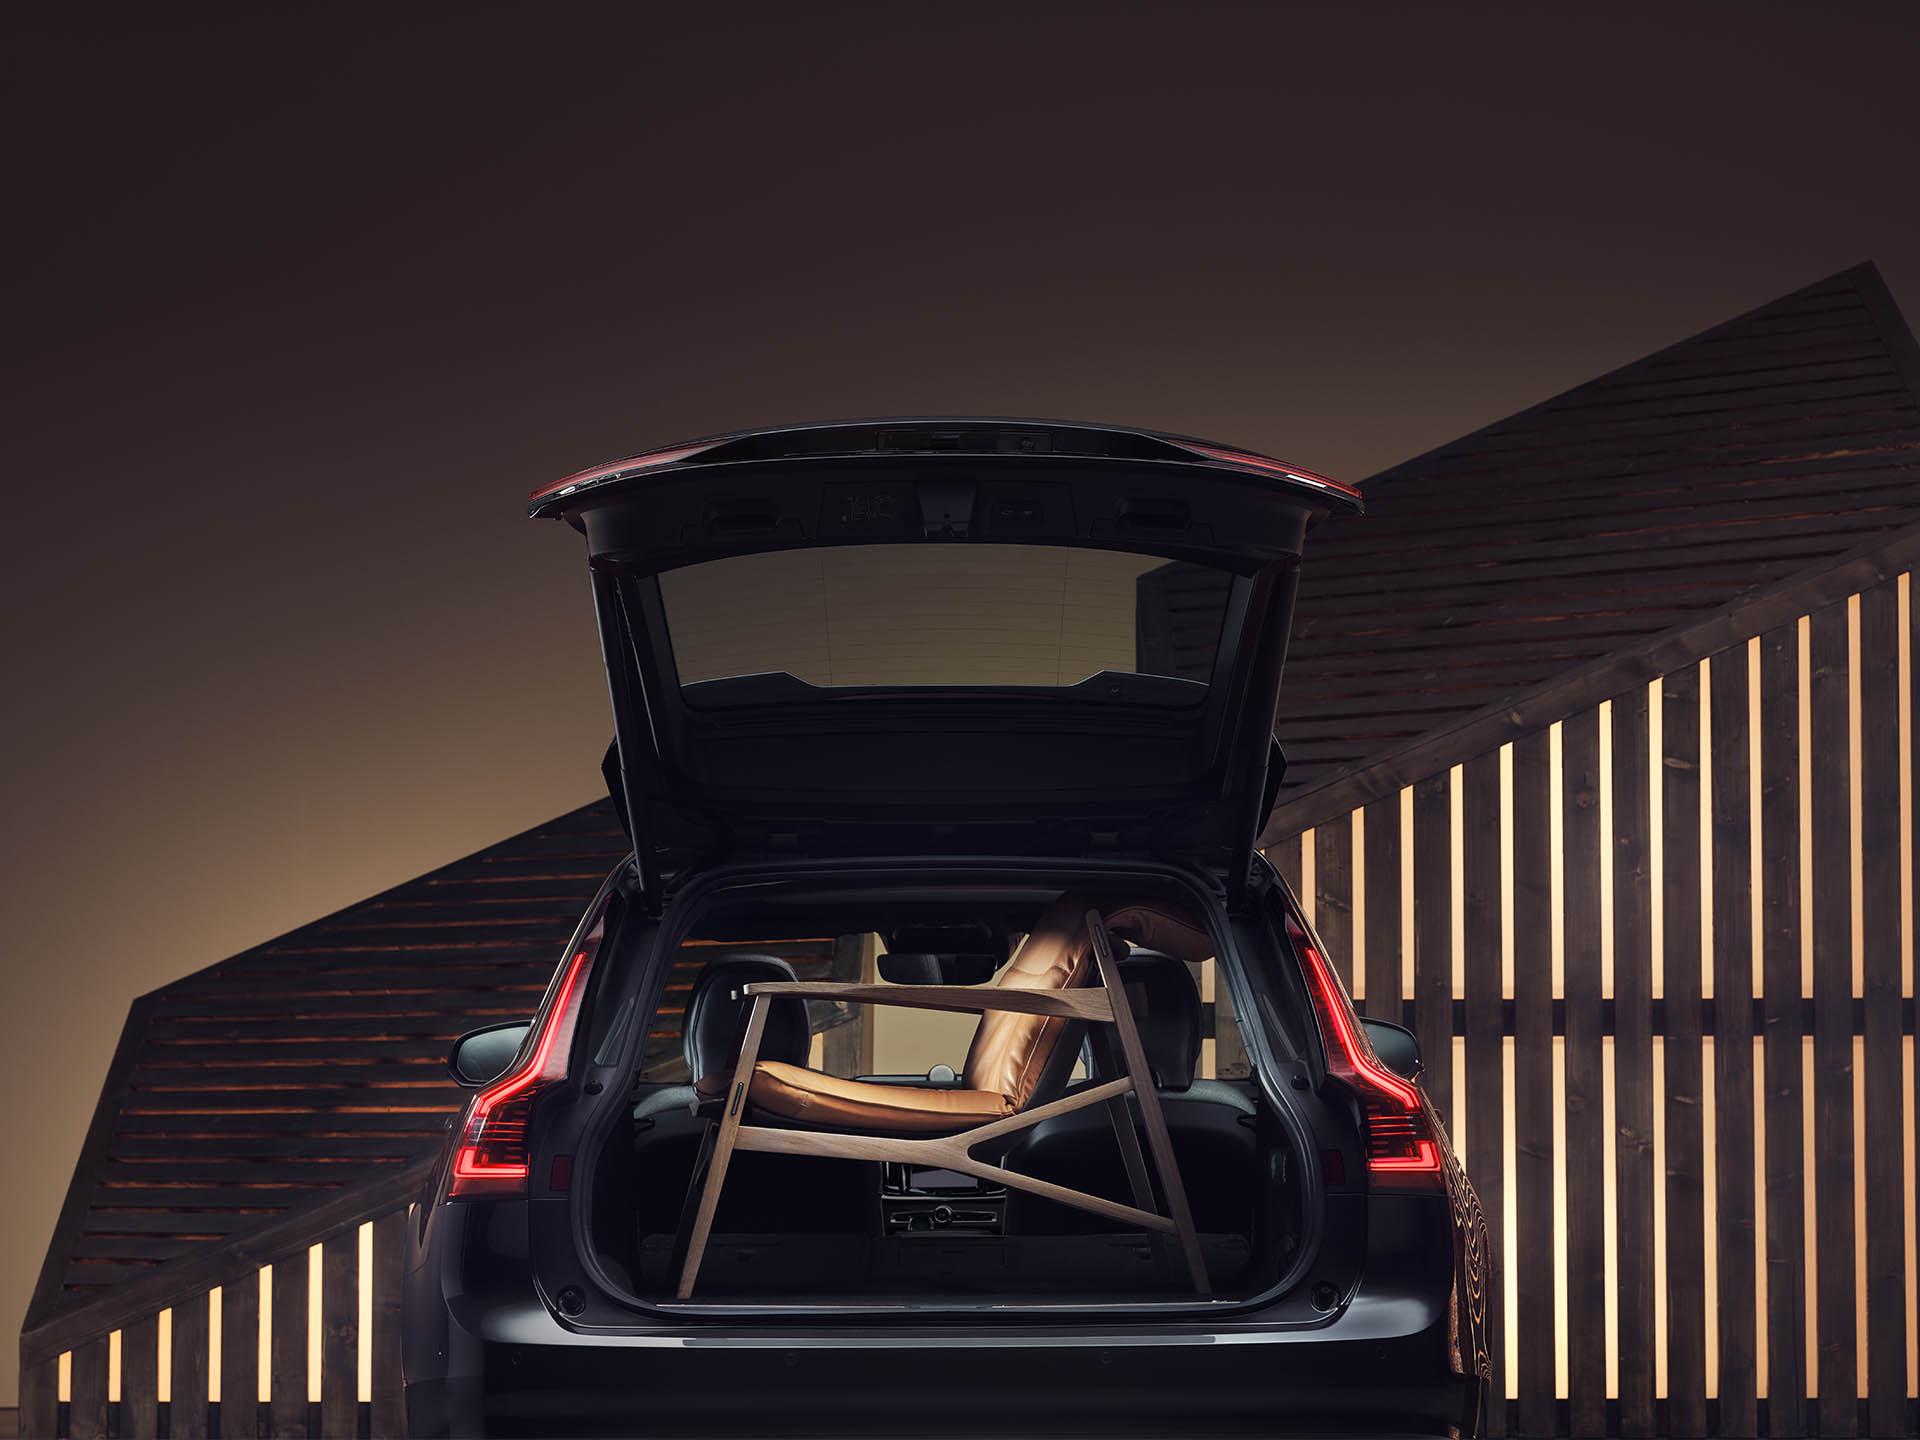 Hapësira e bagazhit të një makine Volvo me portobagazh me një mbështetëse krahu kafe elegante